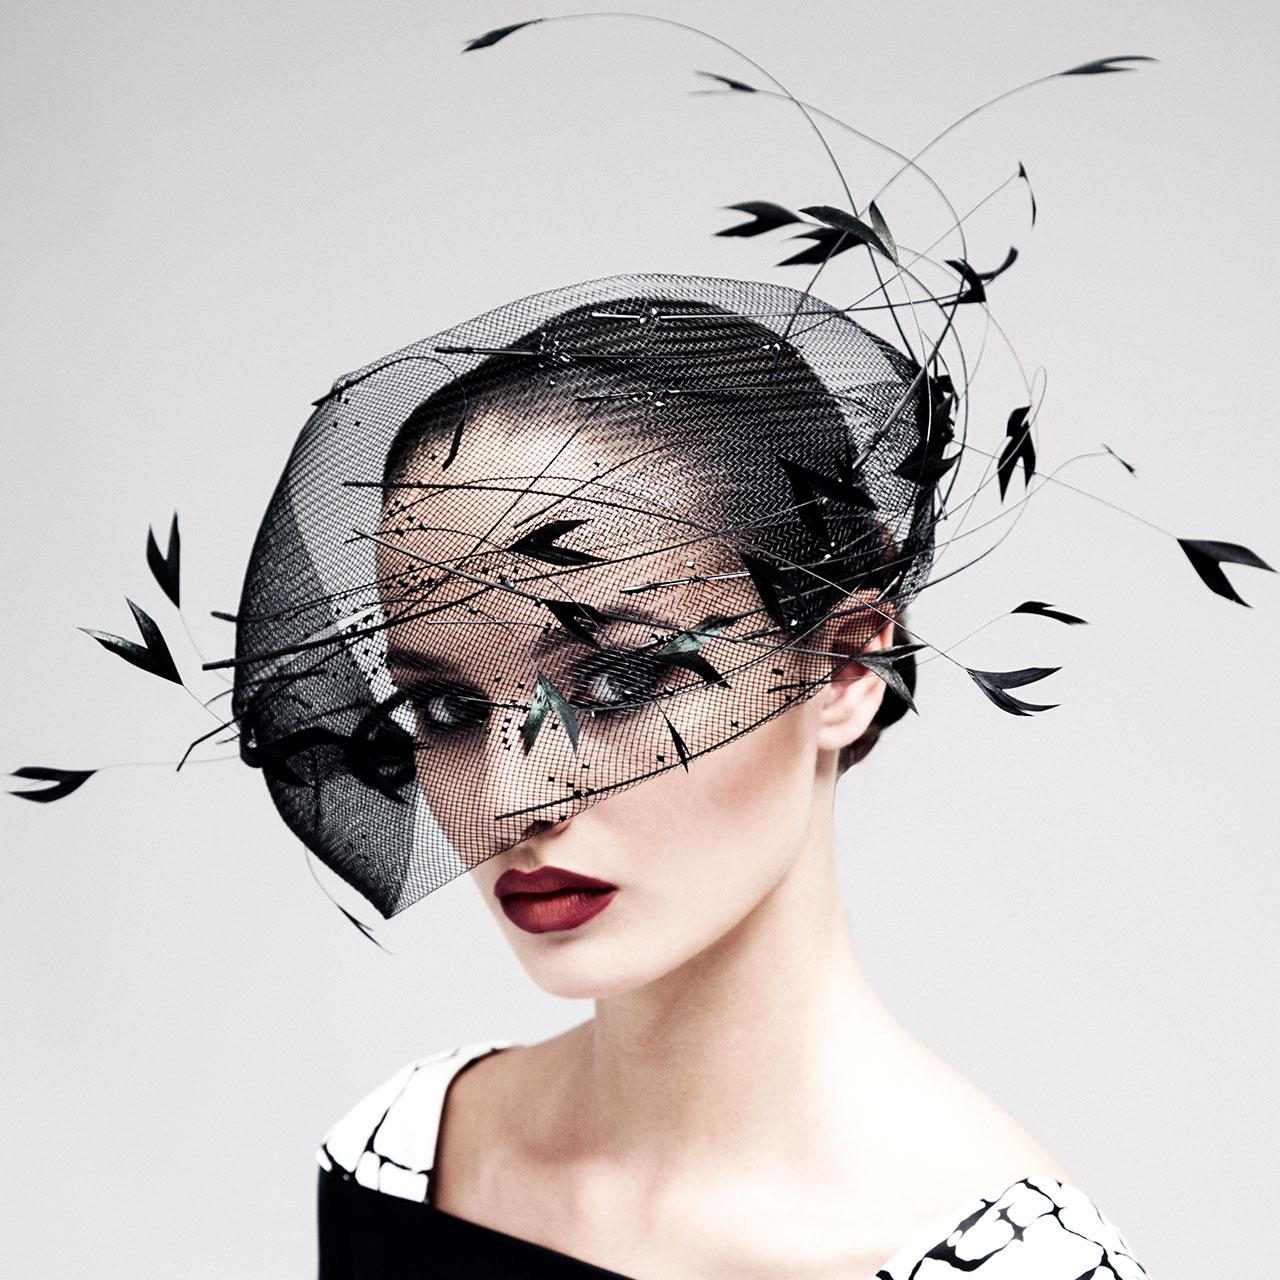 Monvieve Anais Headpiece Collection